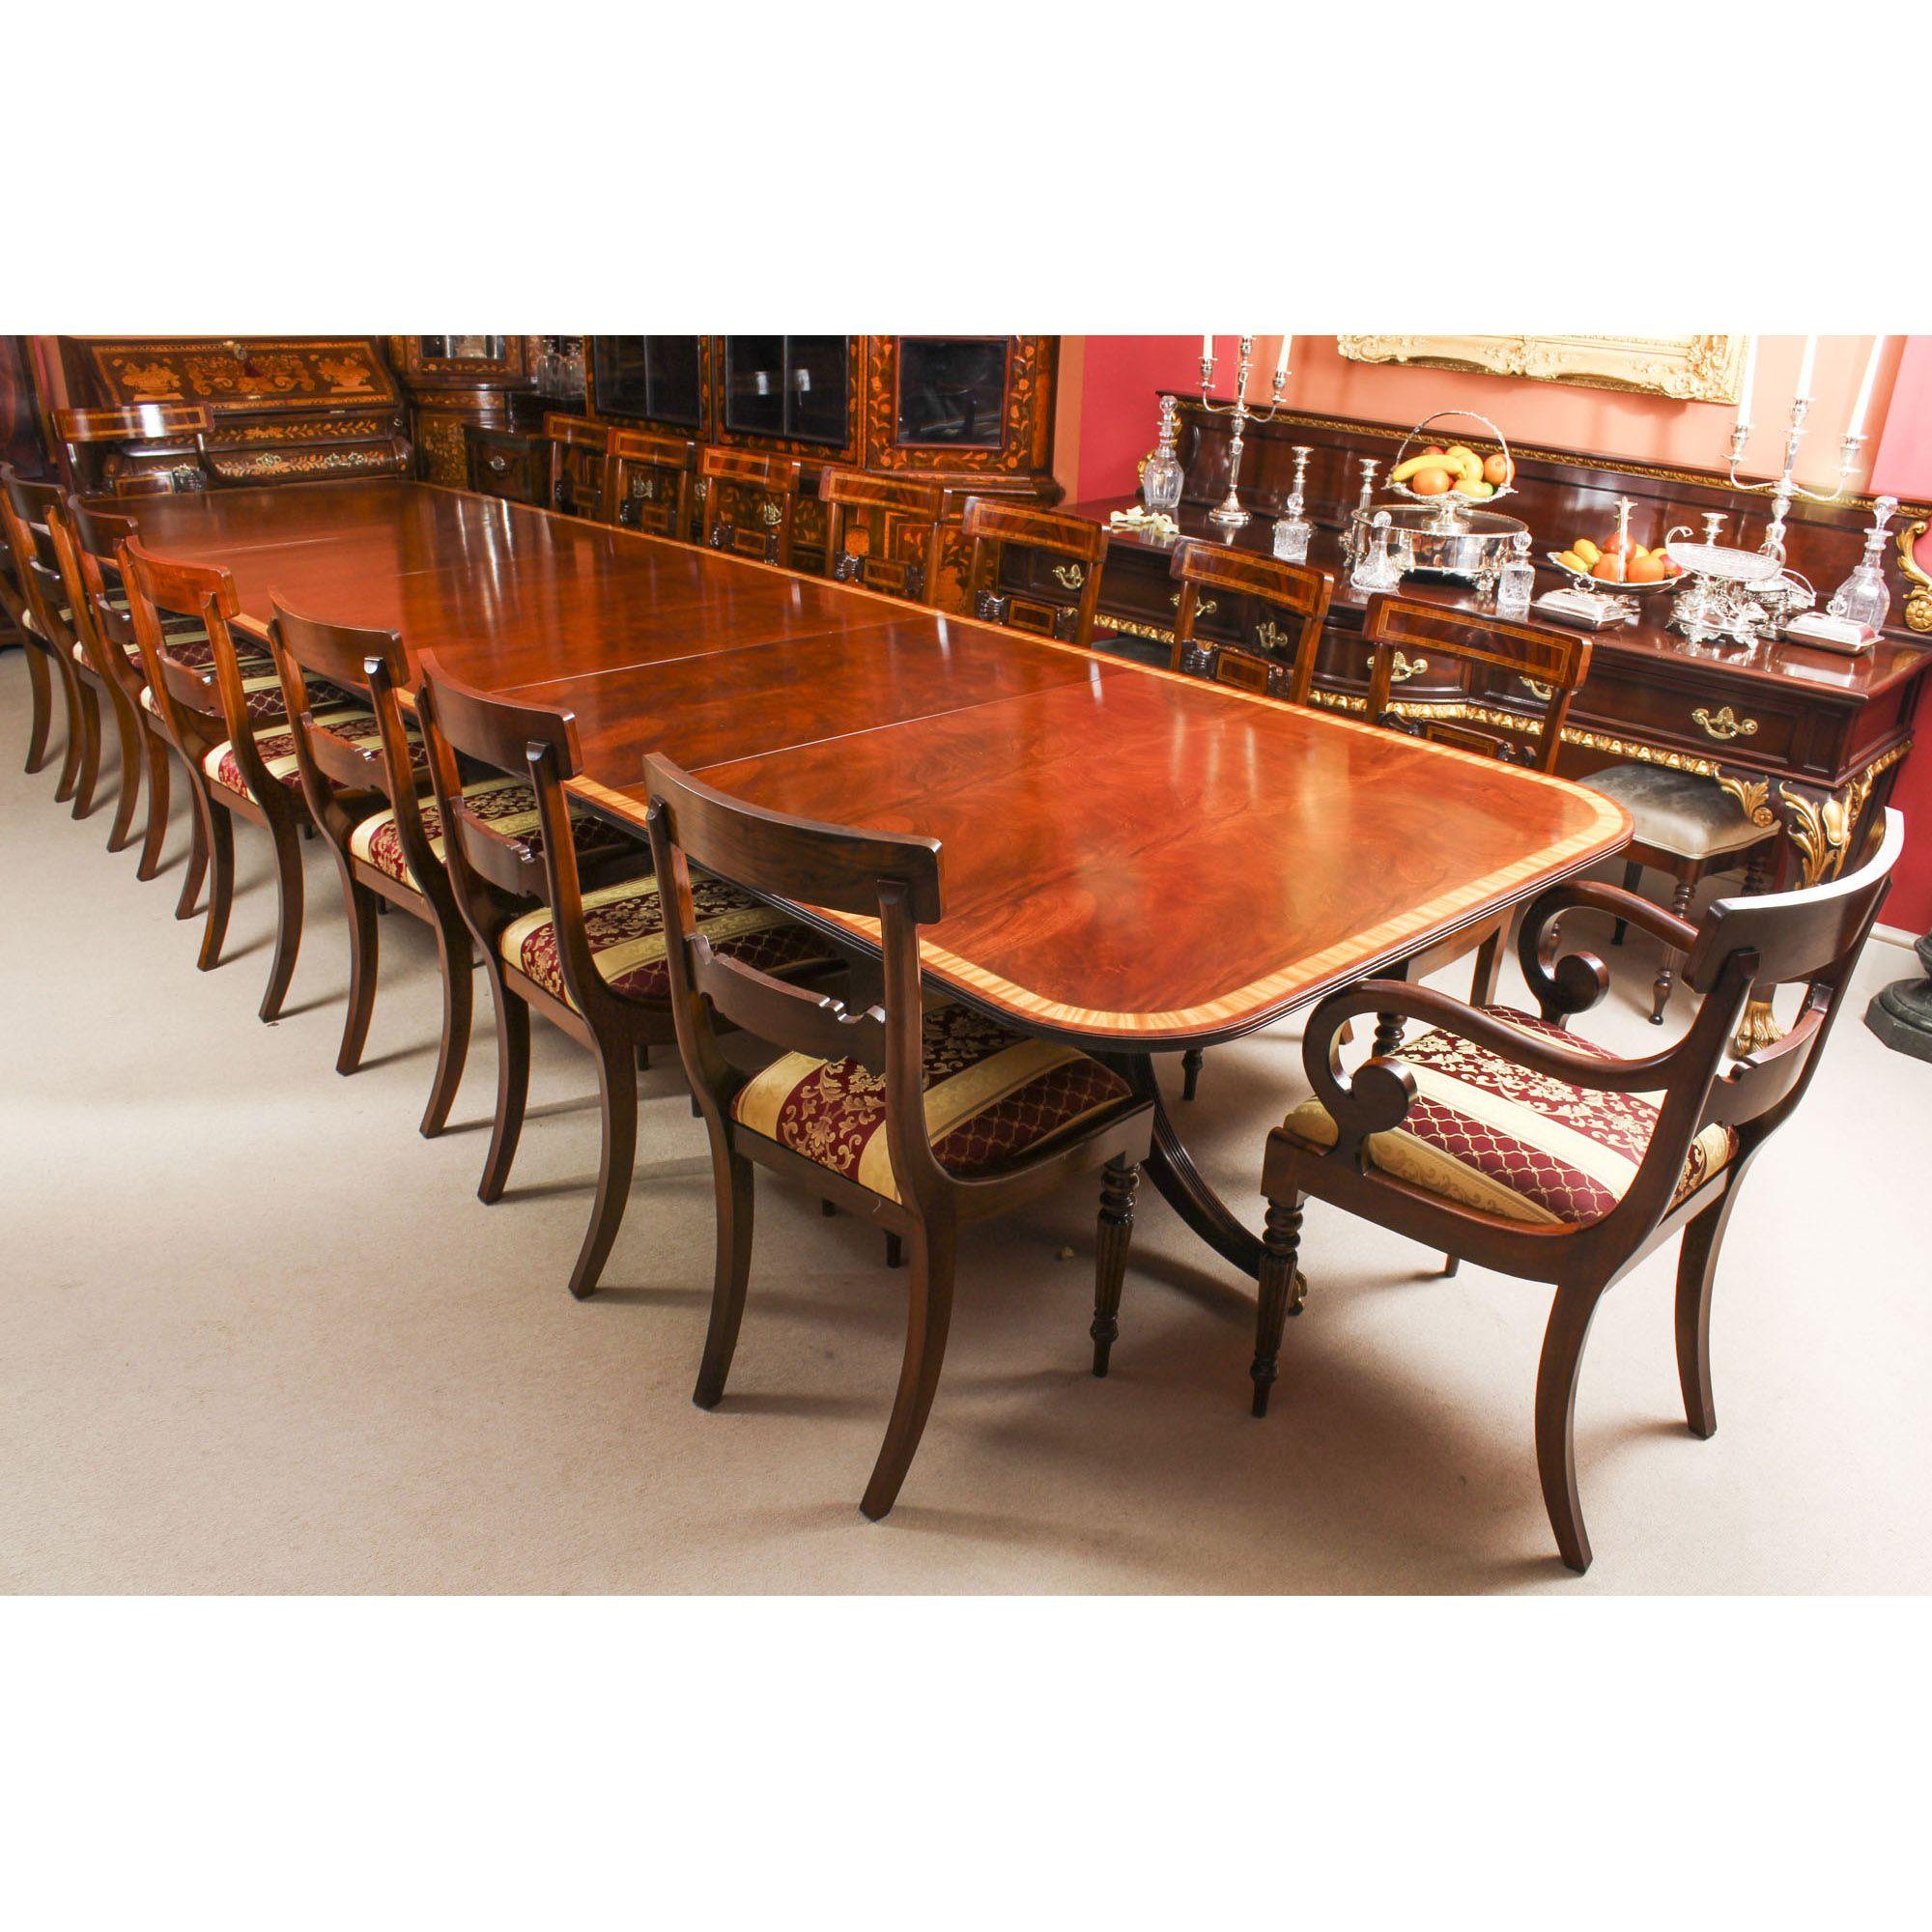 Vintage Arthur Brett Three Pillar Mahogany Dining Table 16 Chairs